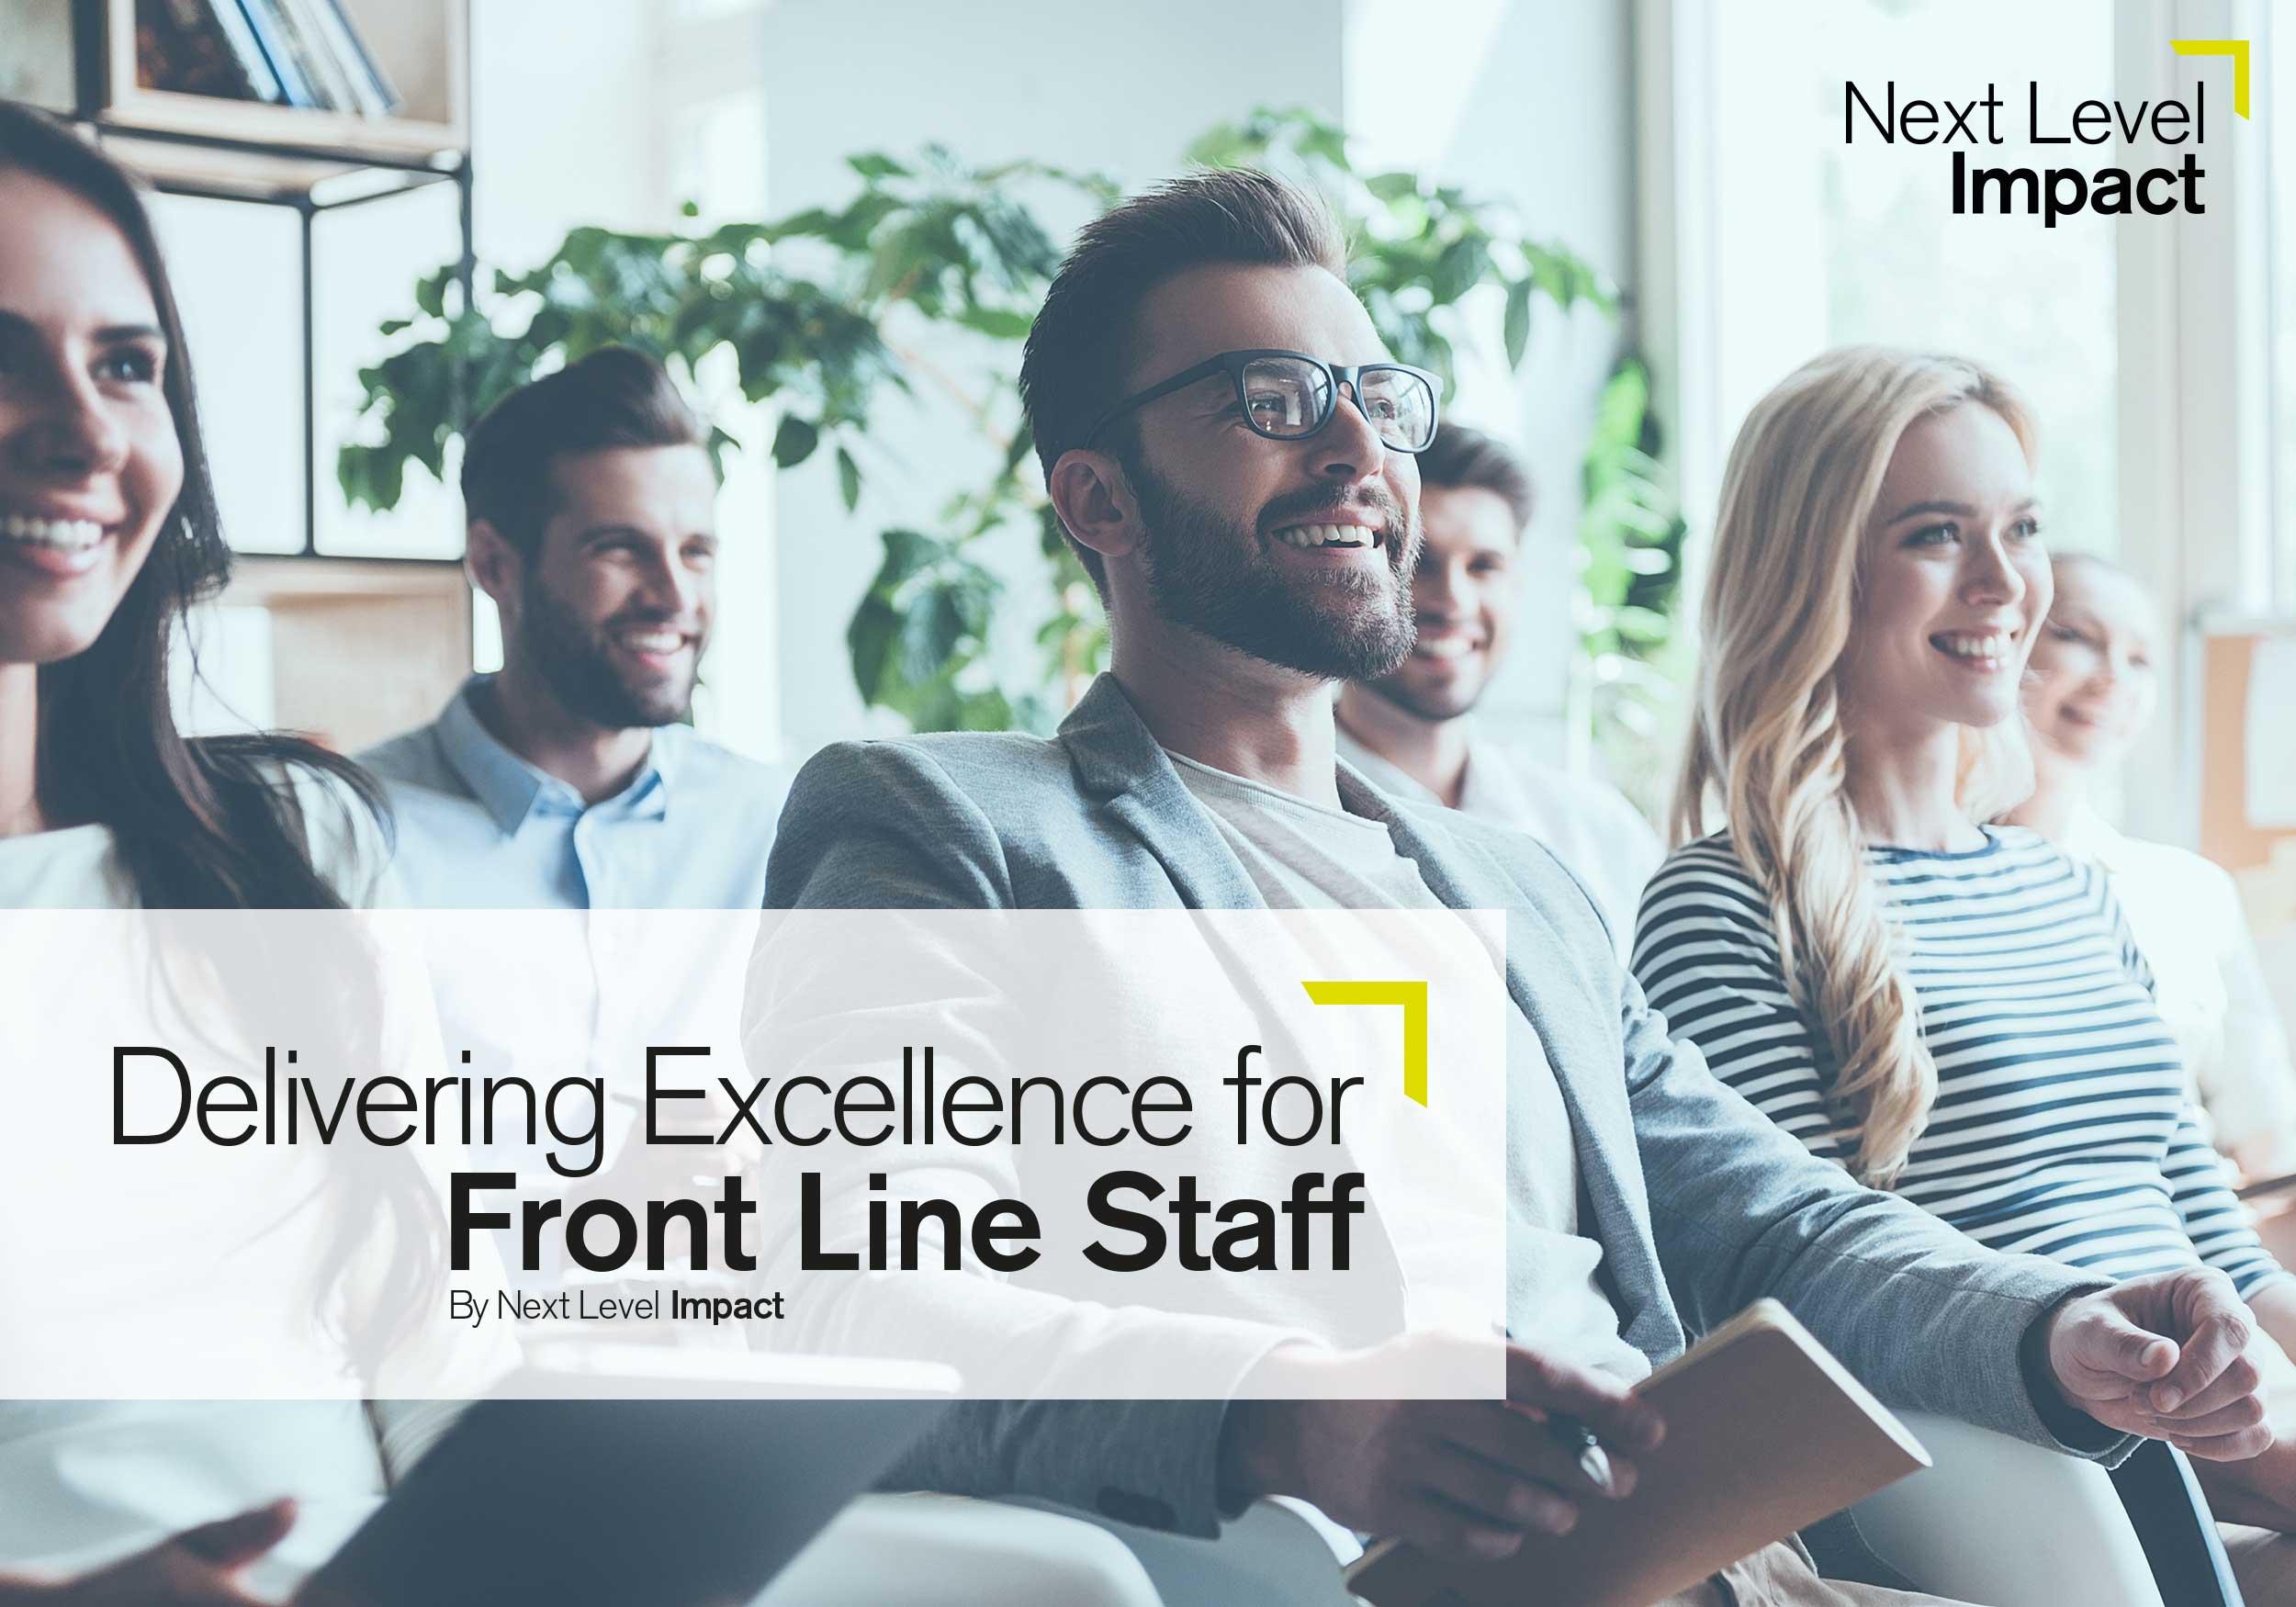 16605J-Delivering-Excellence-for-Front-Line-Staff-Banner-green.jpg